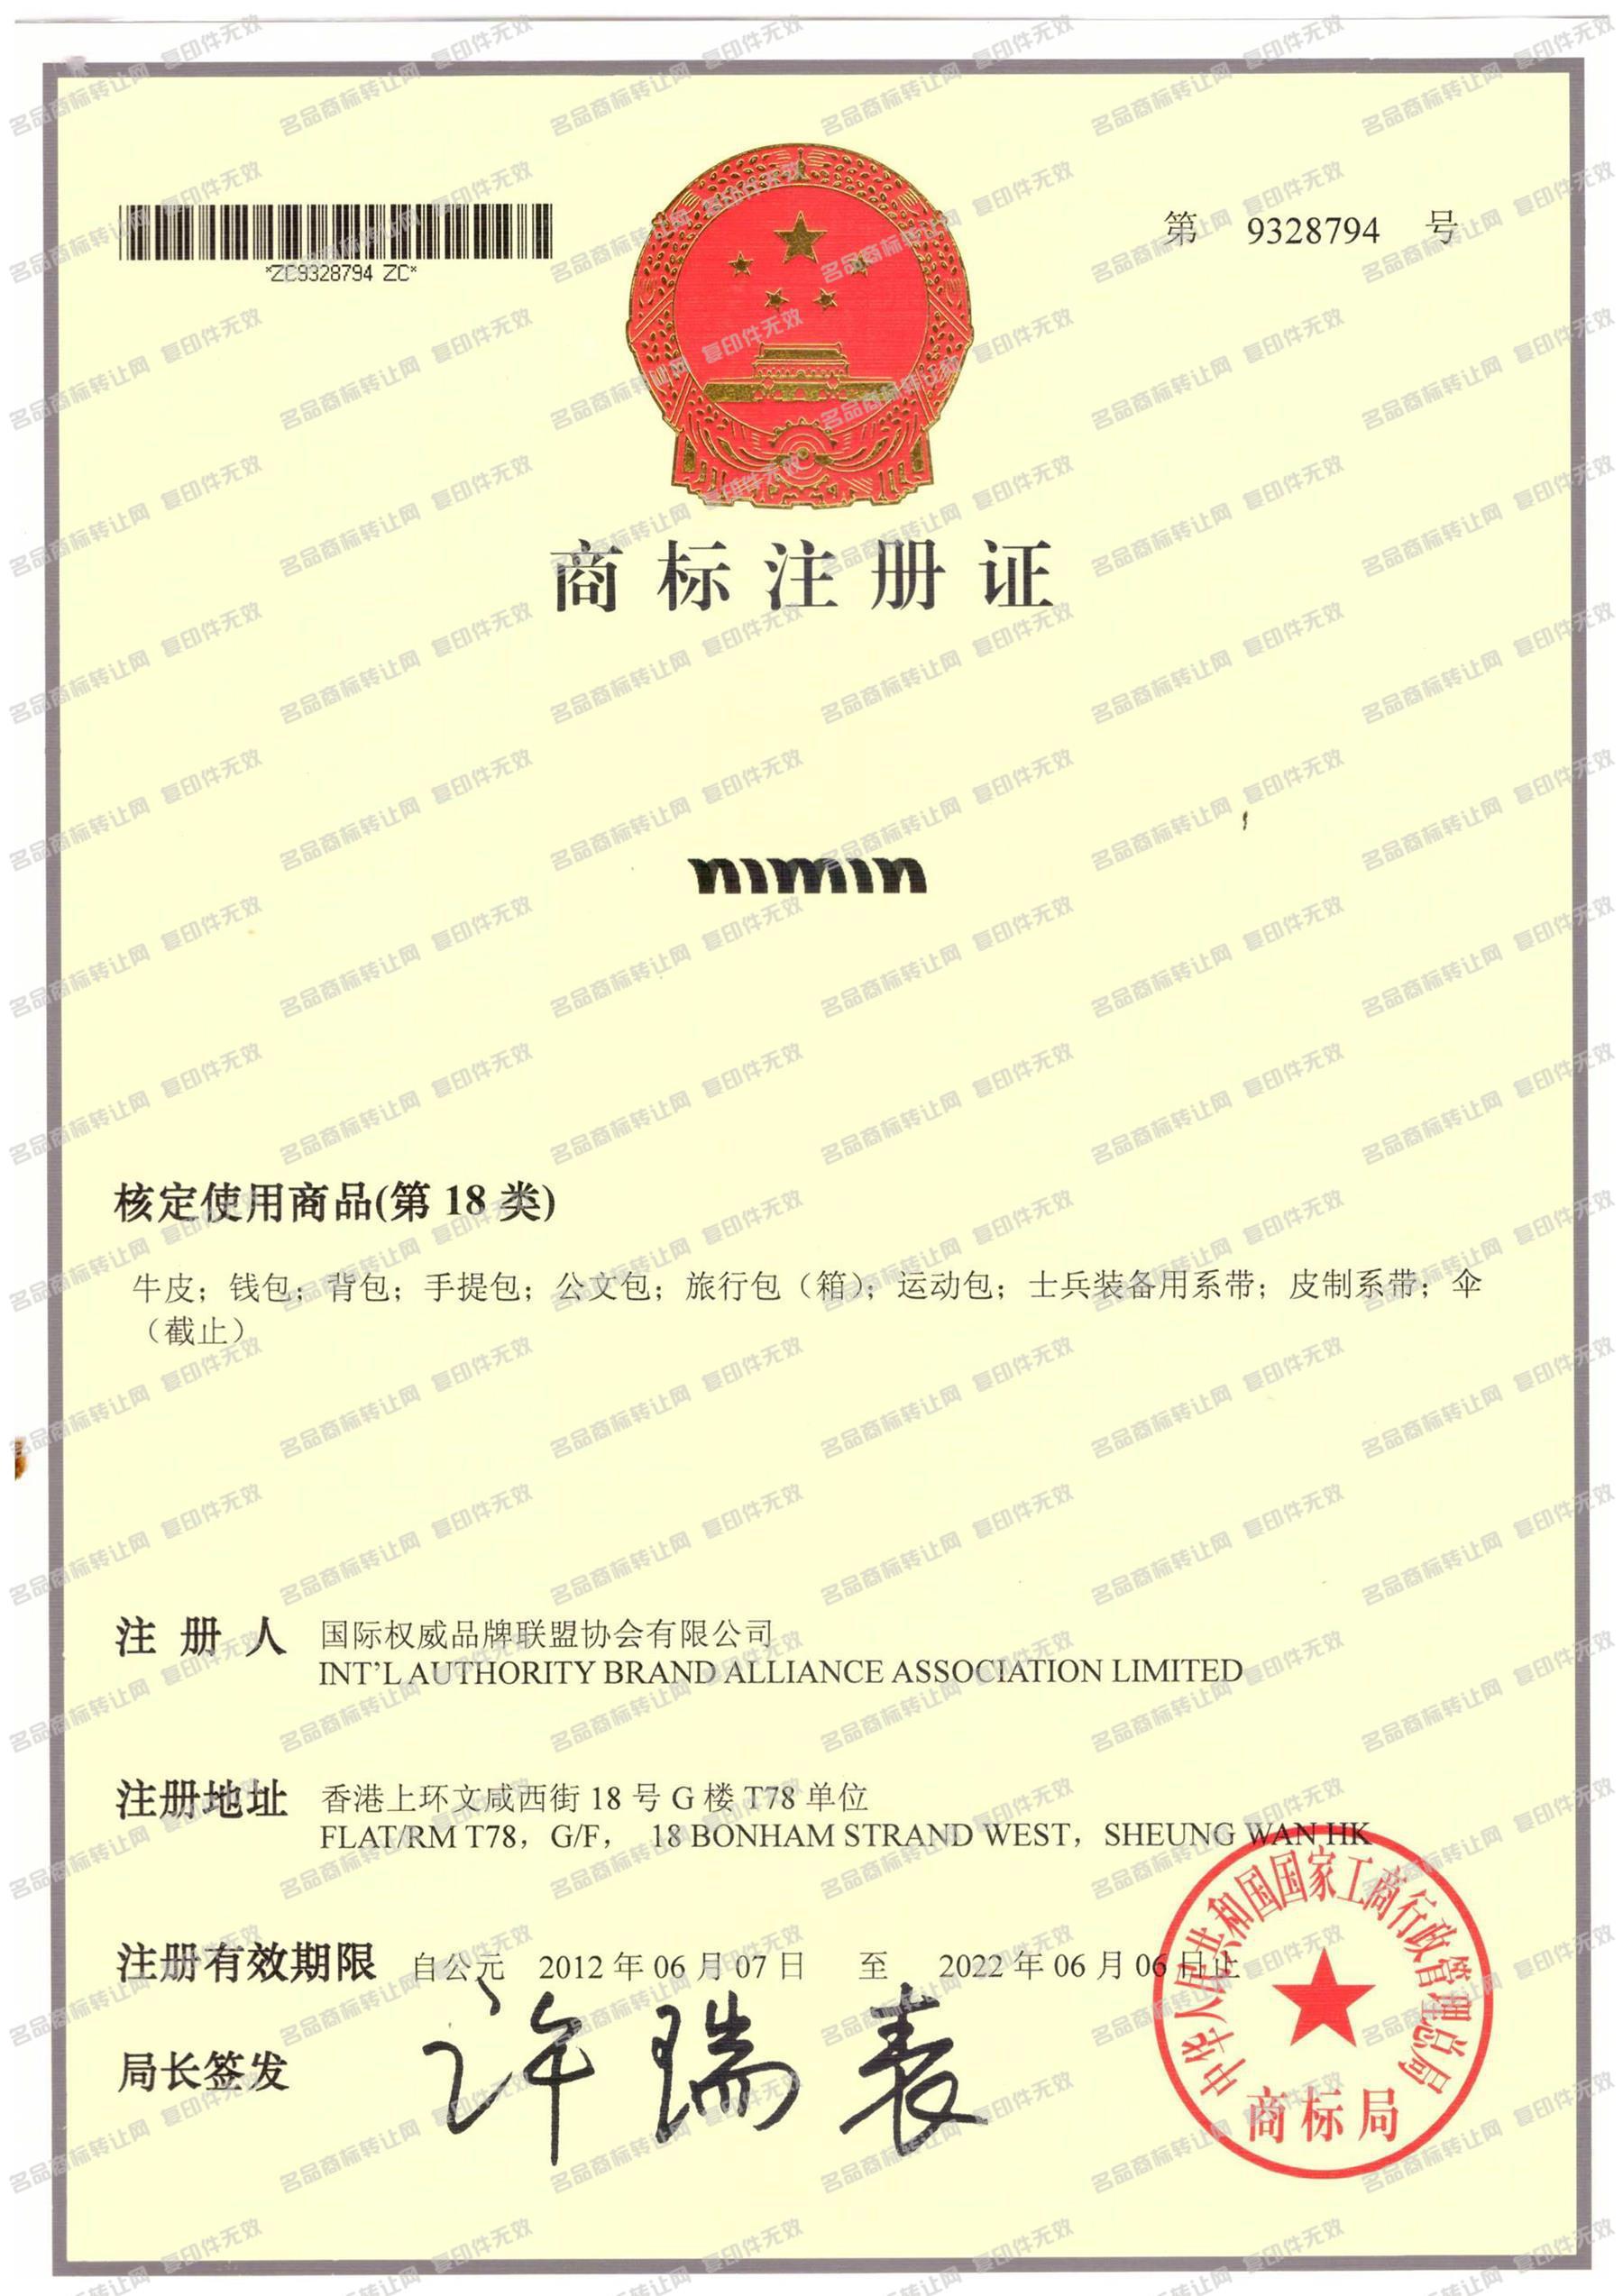 NIMIN注册证